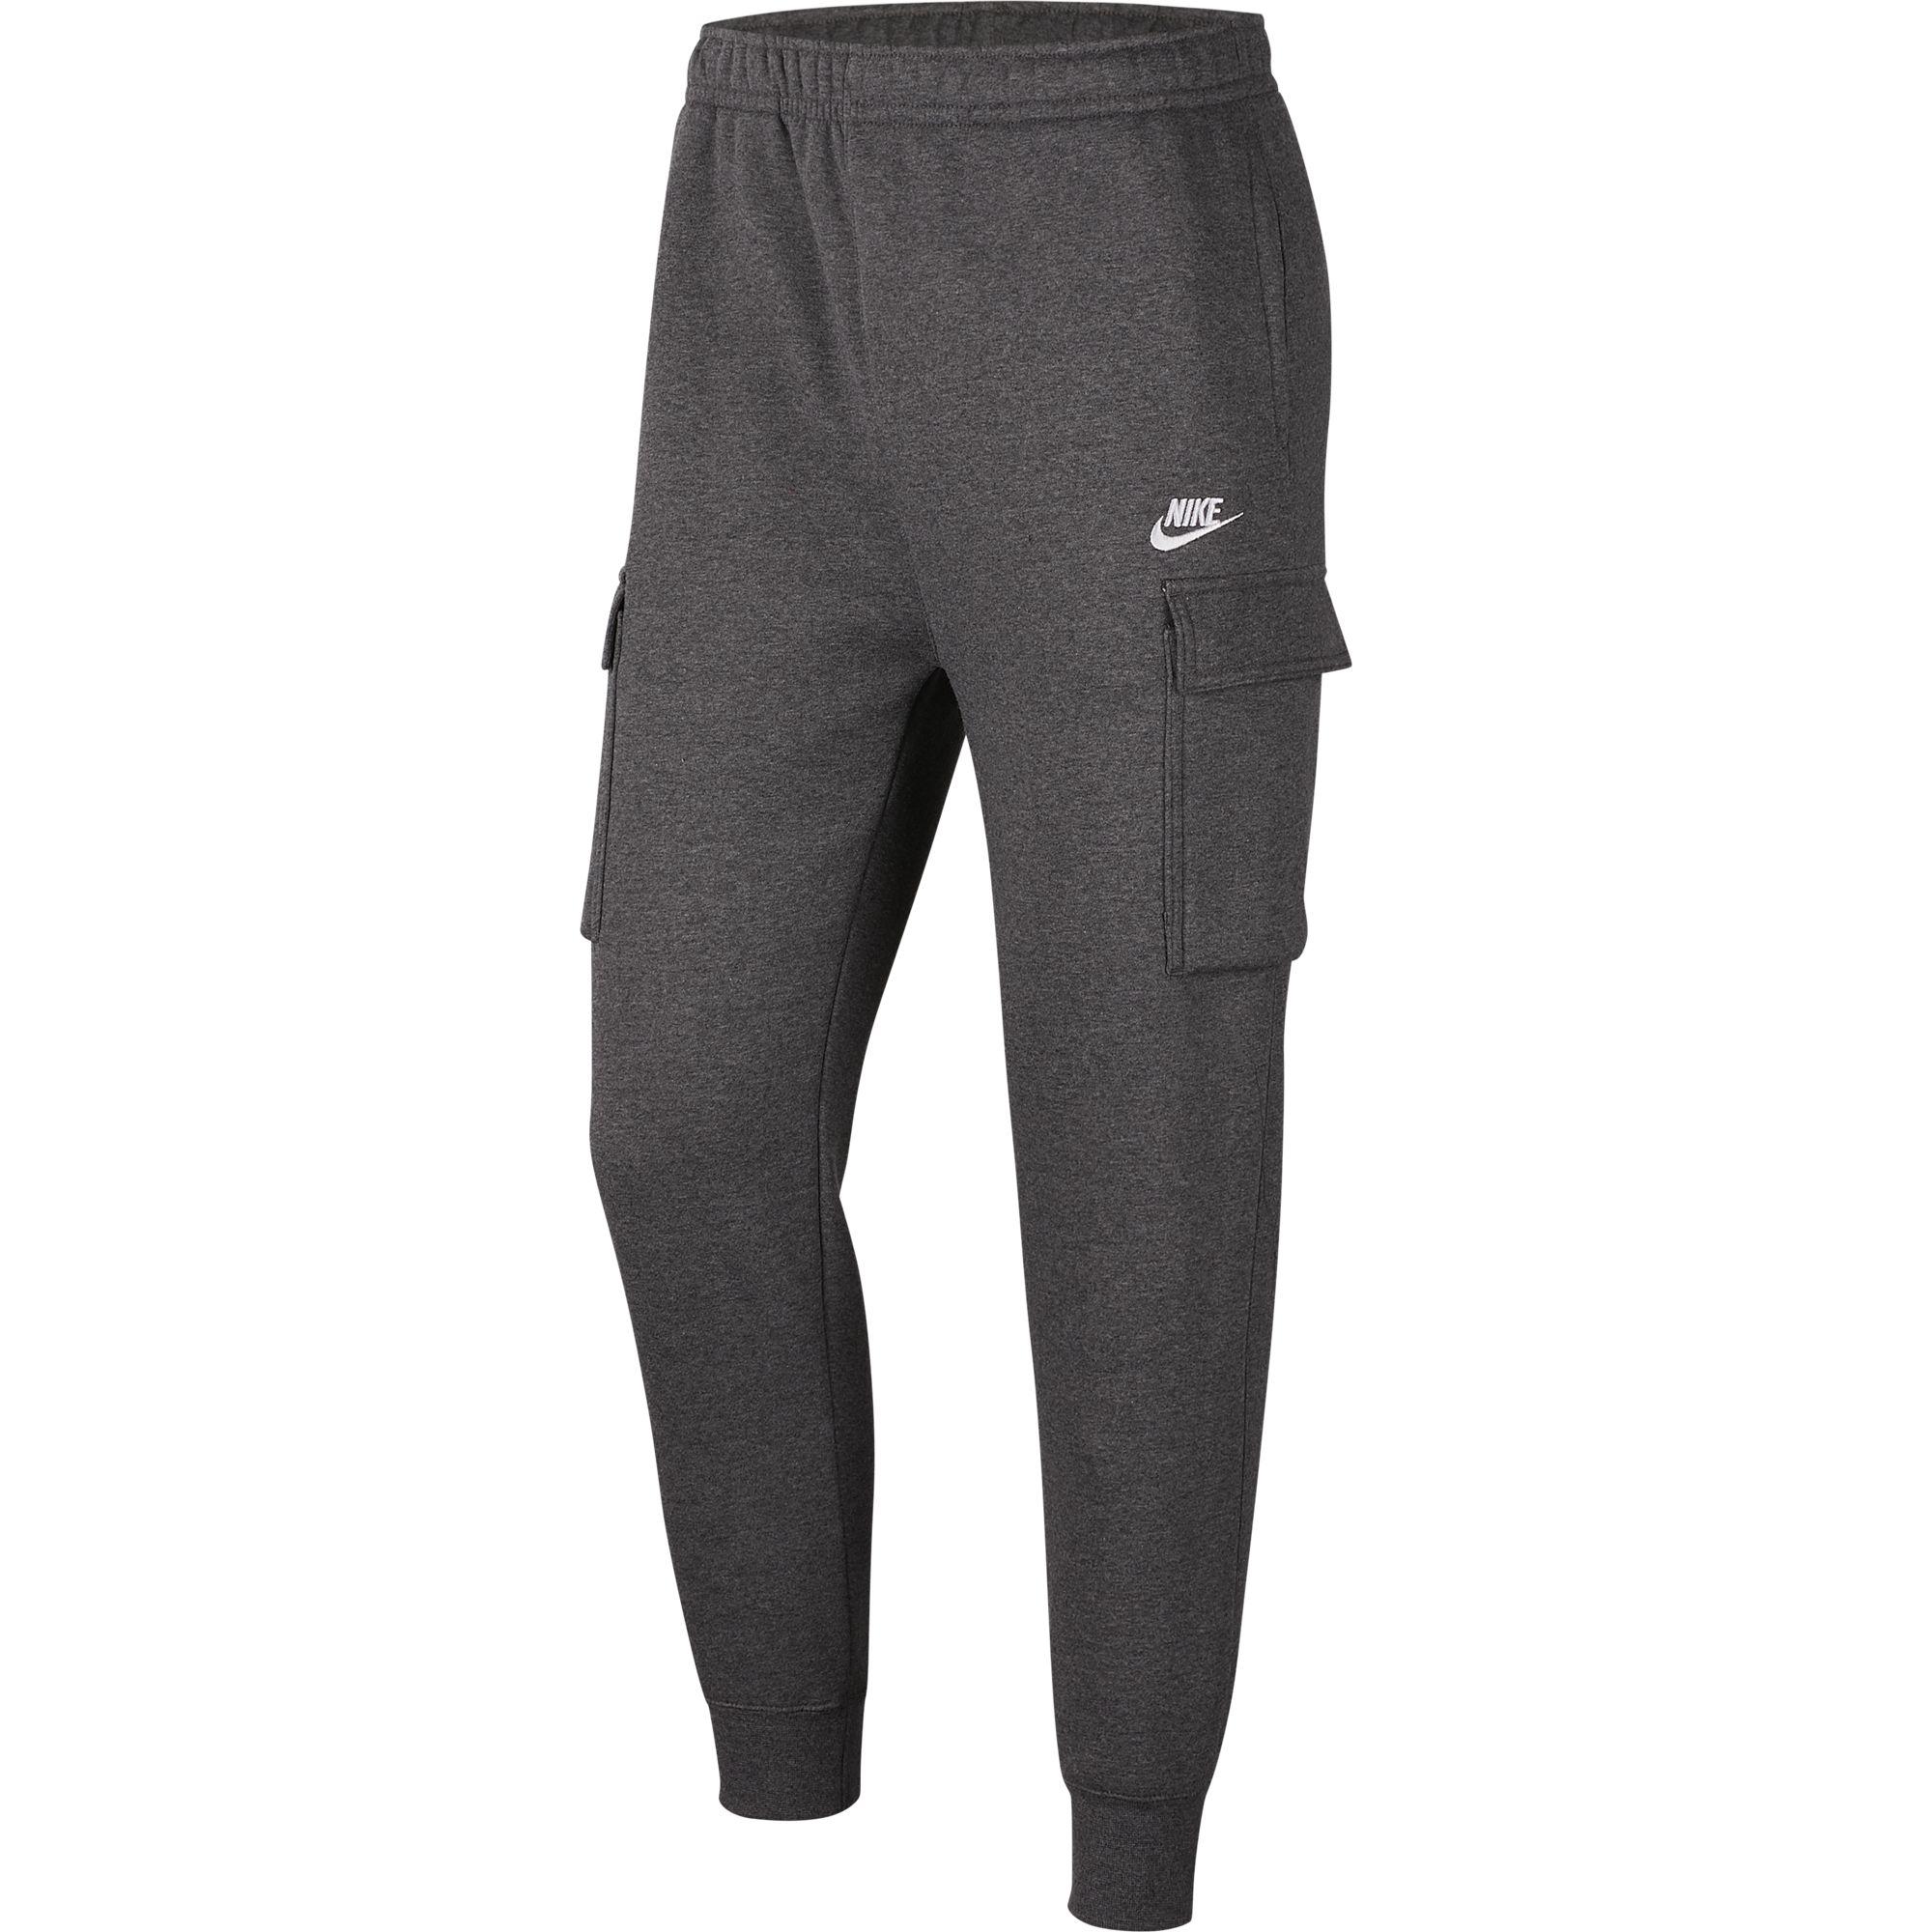 Men's Sportswear Club Fleece Cargo Pant, Charcoal,Smoke,Steel, swatch